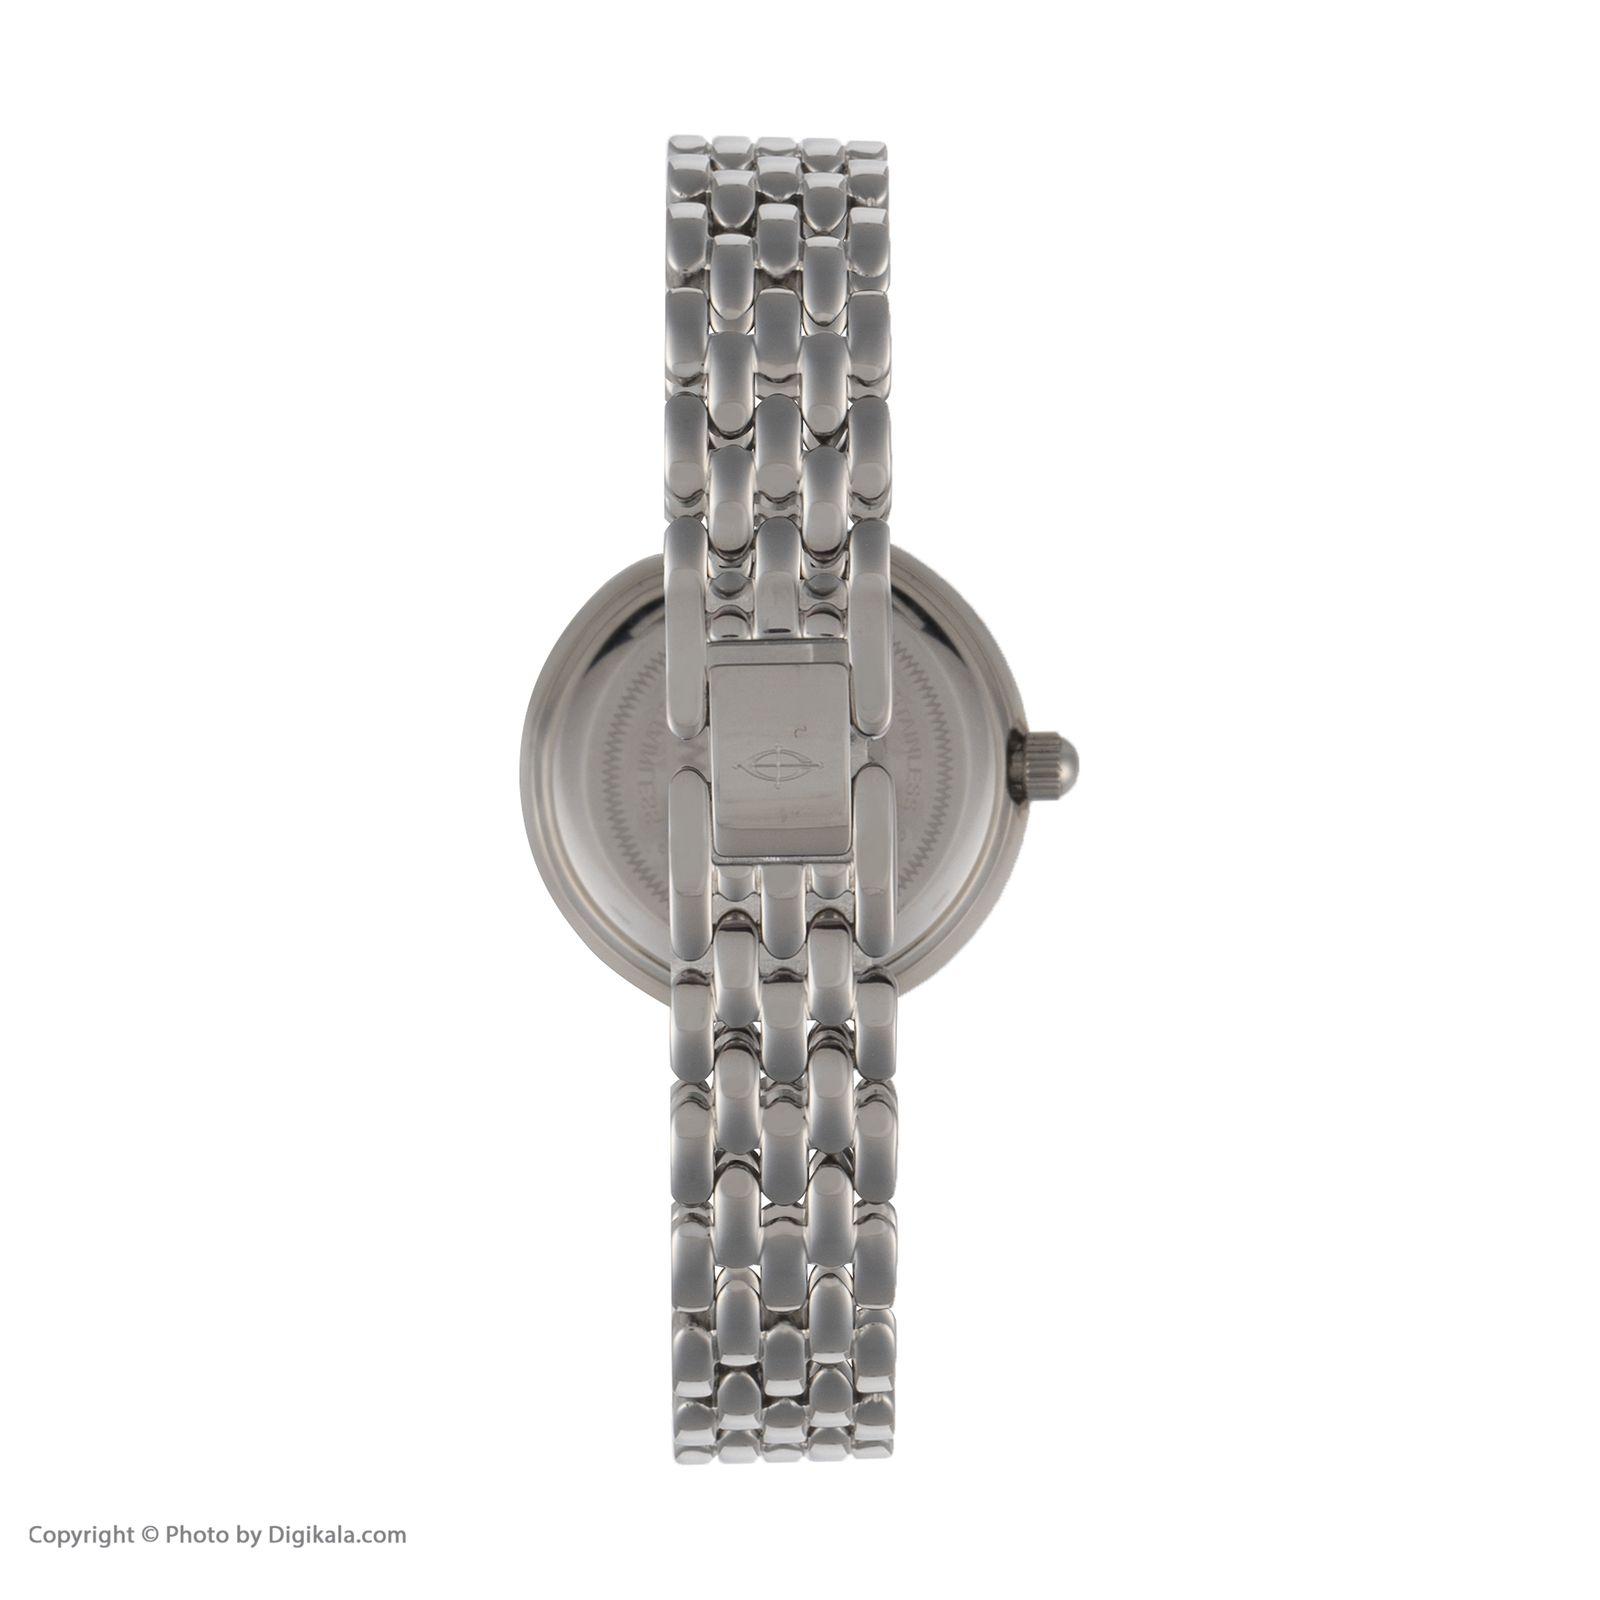 ساعت مچی عقربه ای زنانه کنتیننتال مدل 17001-LT101571 -  - 3